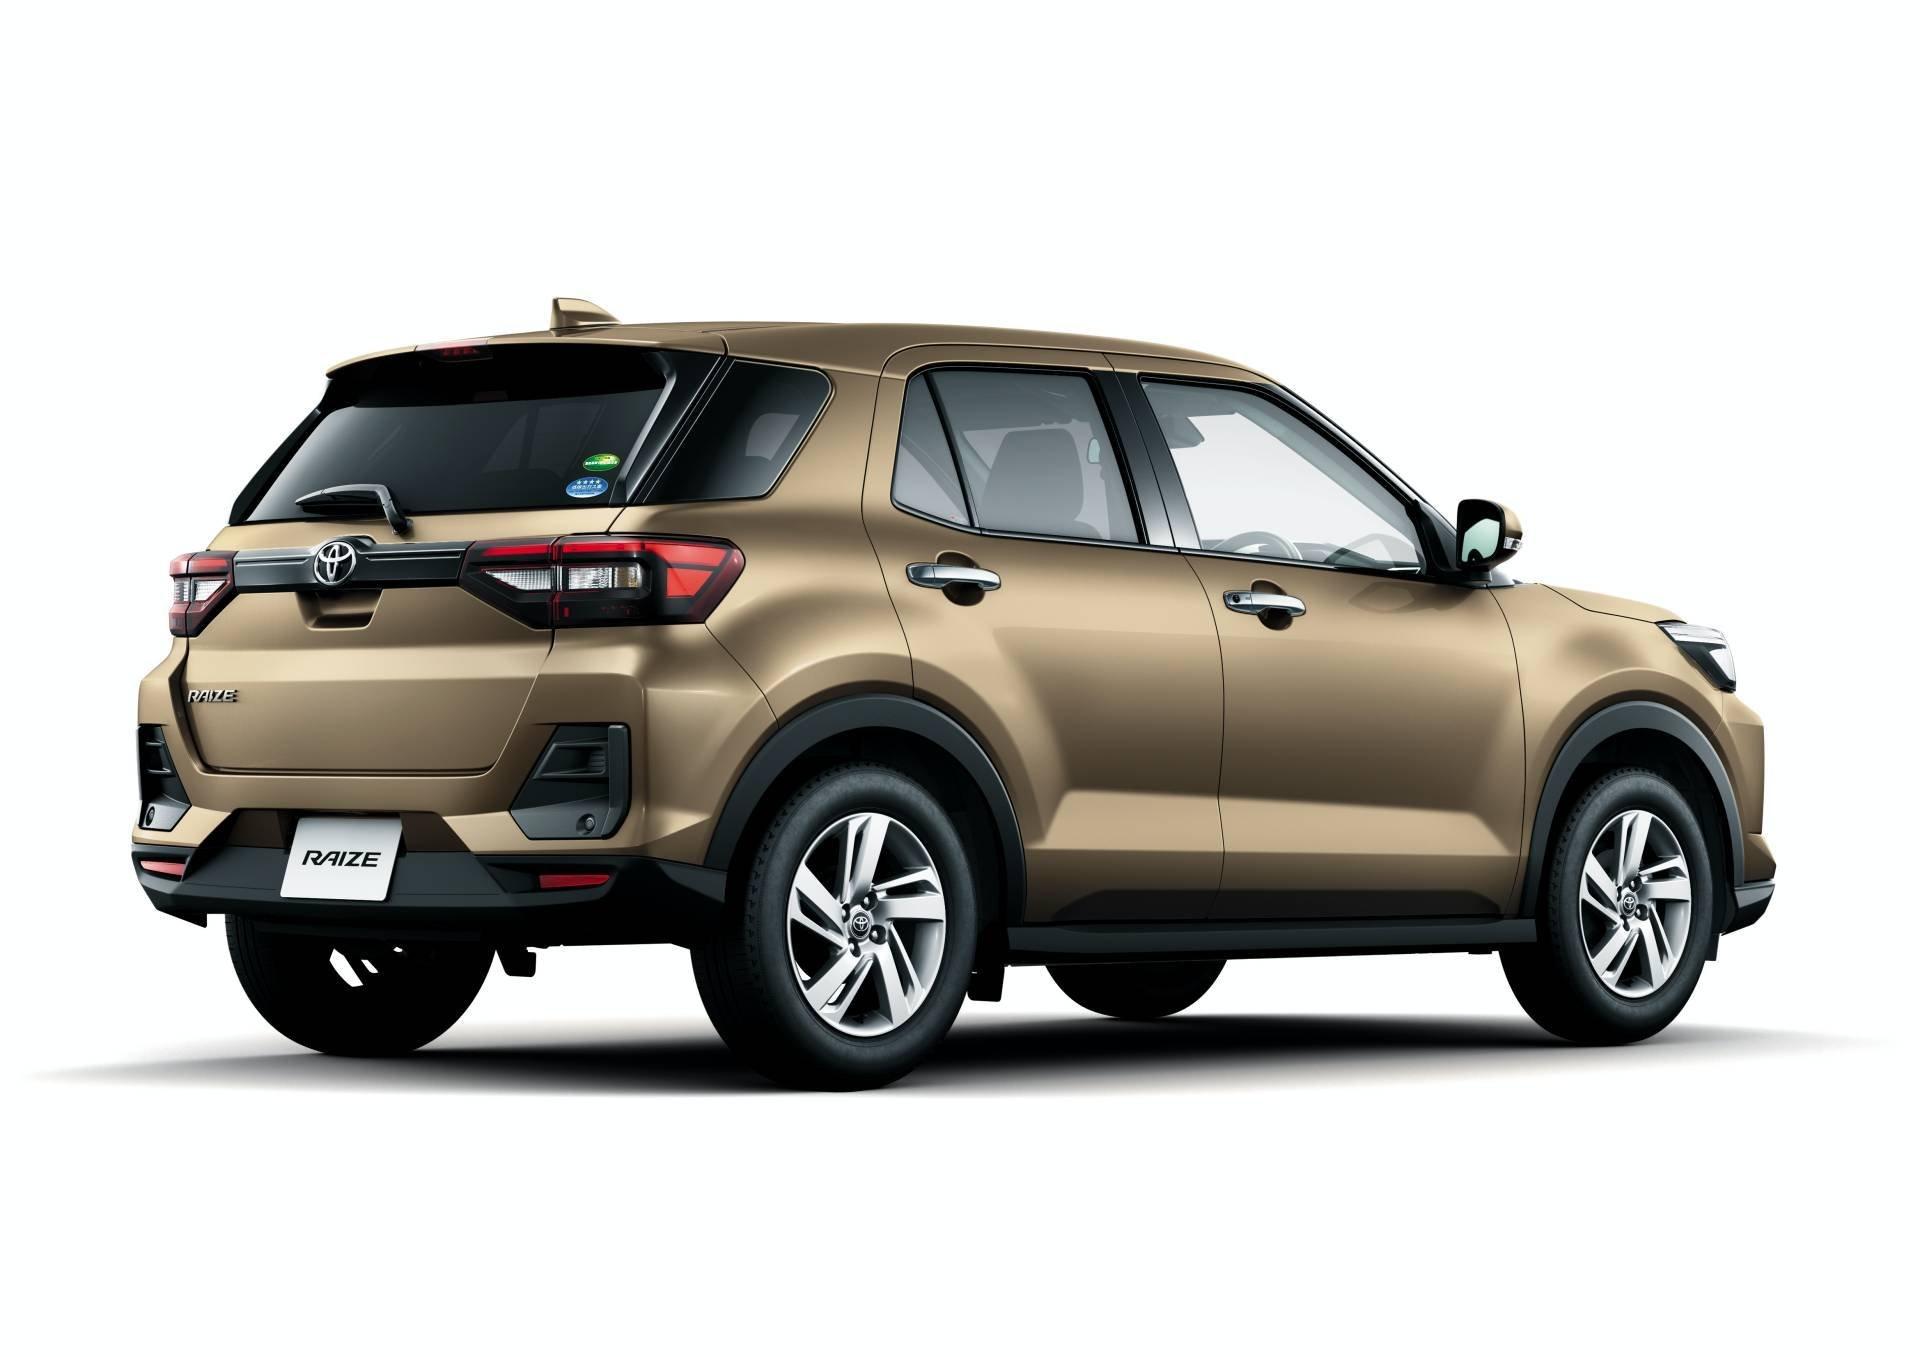 SUV,ô tô Toyota,ô tô Nhật Bản,ô tô giá rẻ